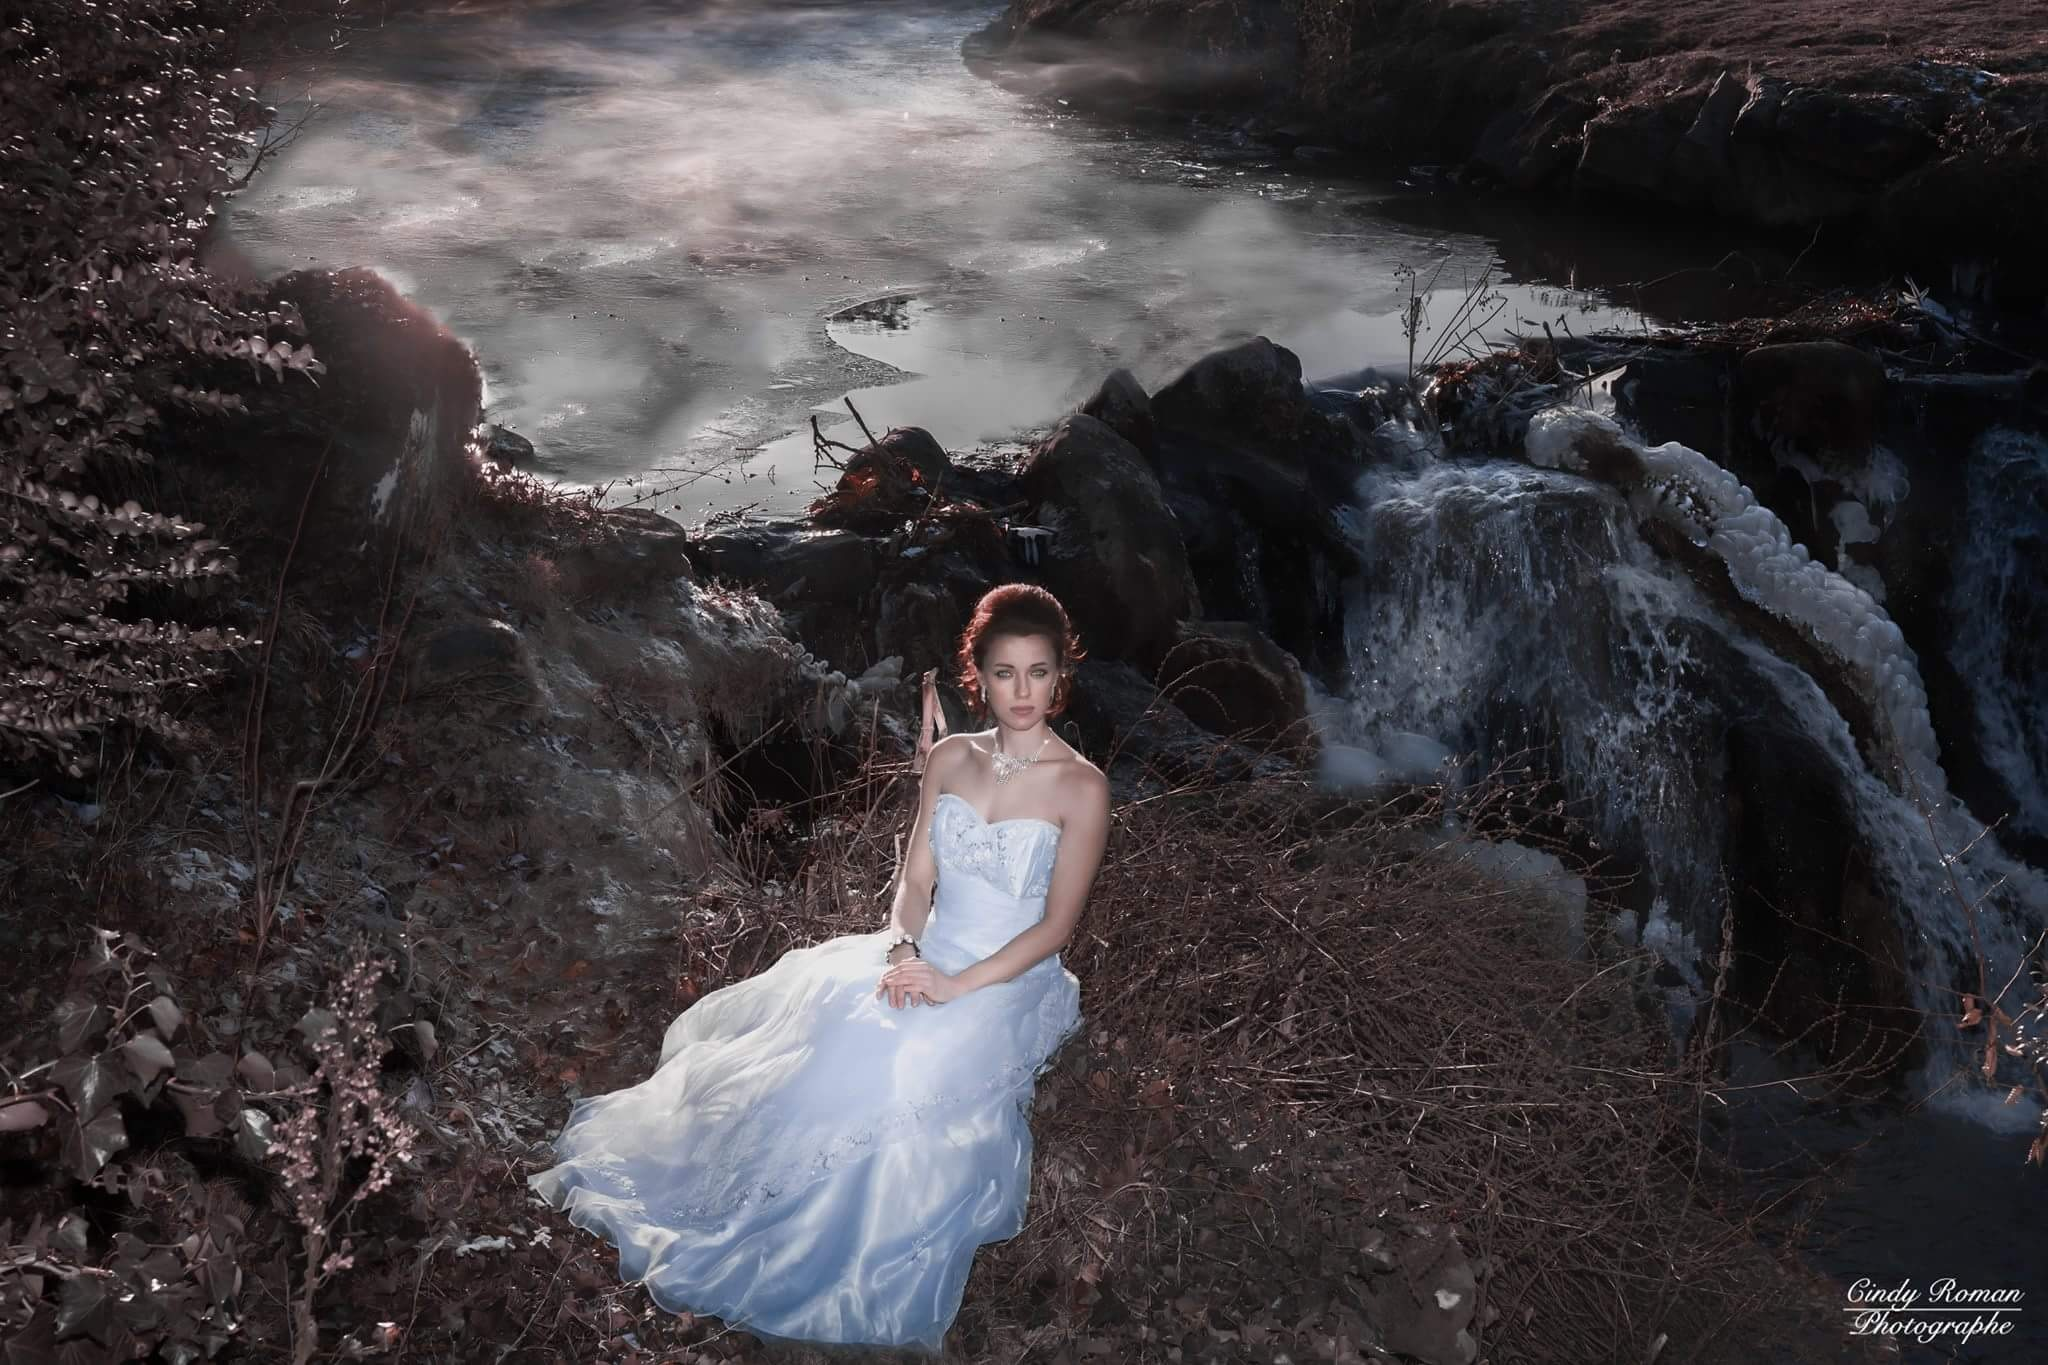 Untitled by CindyRomanphotographe